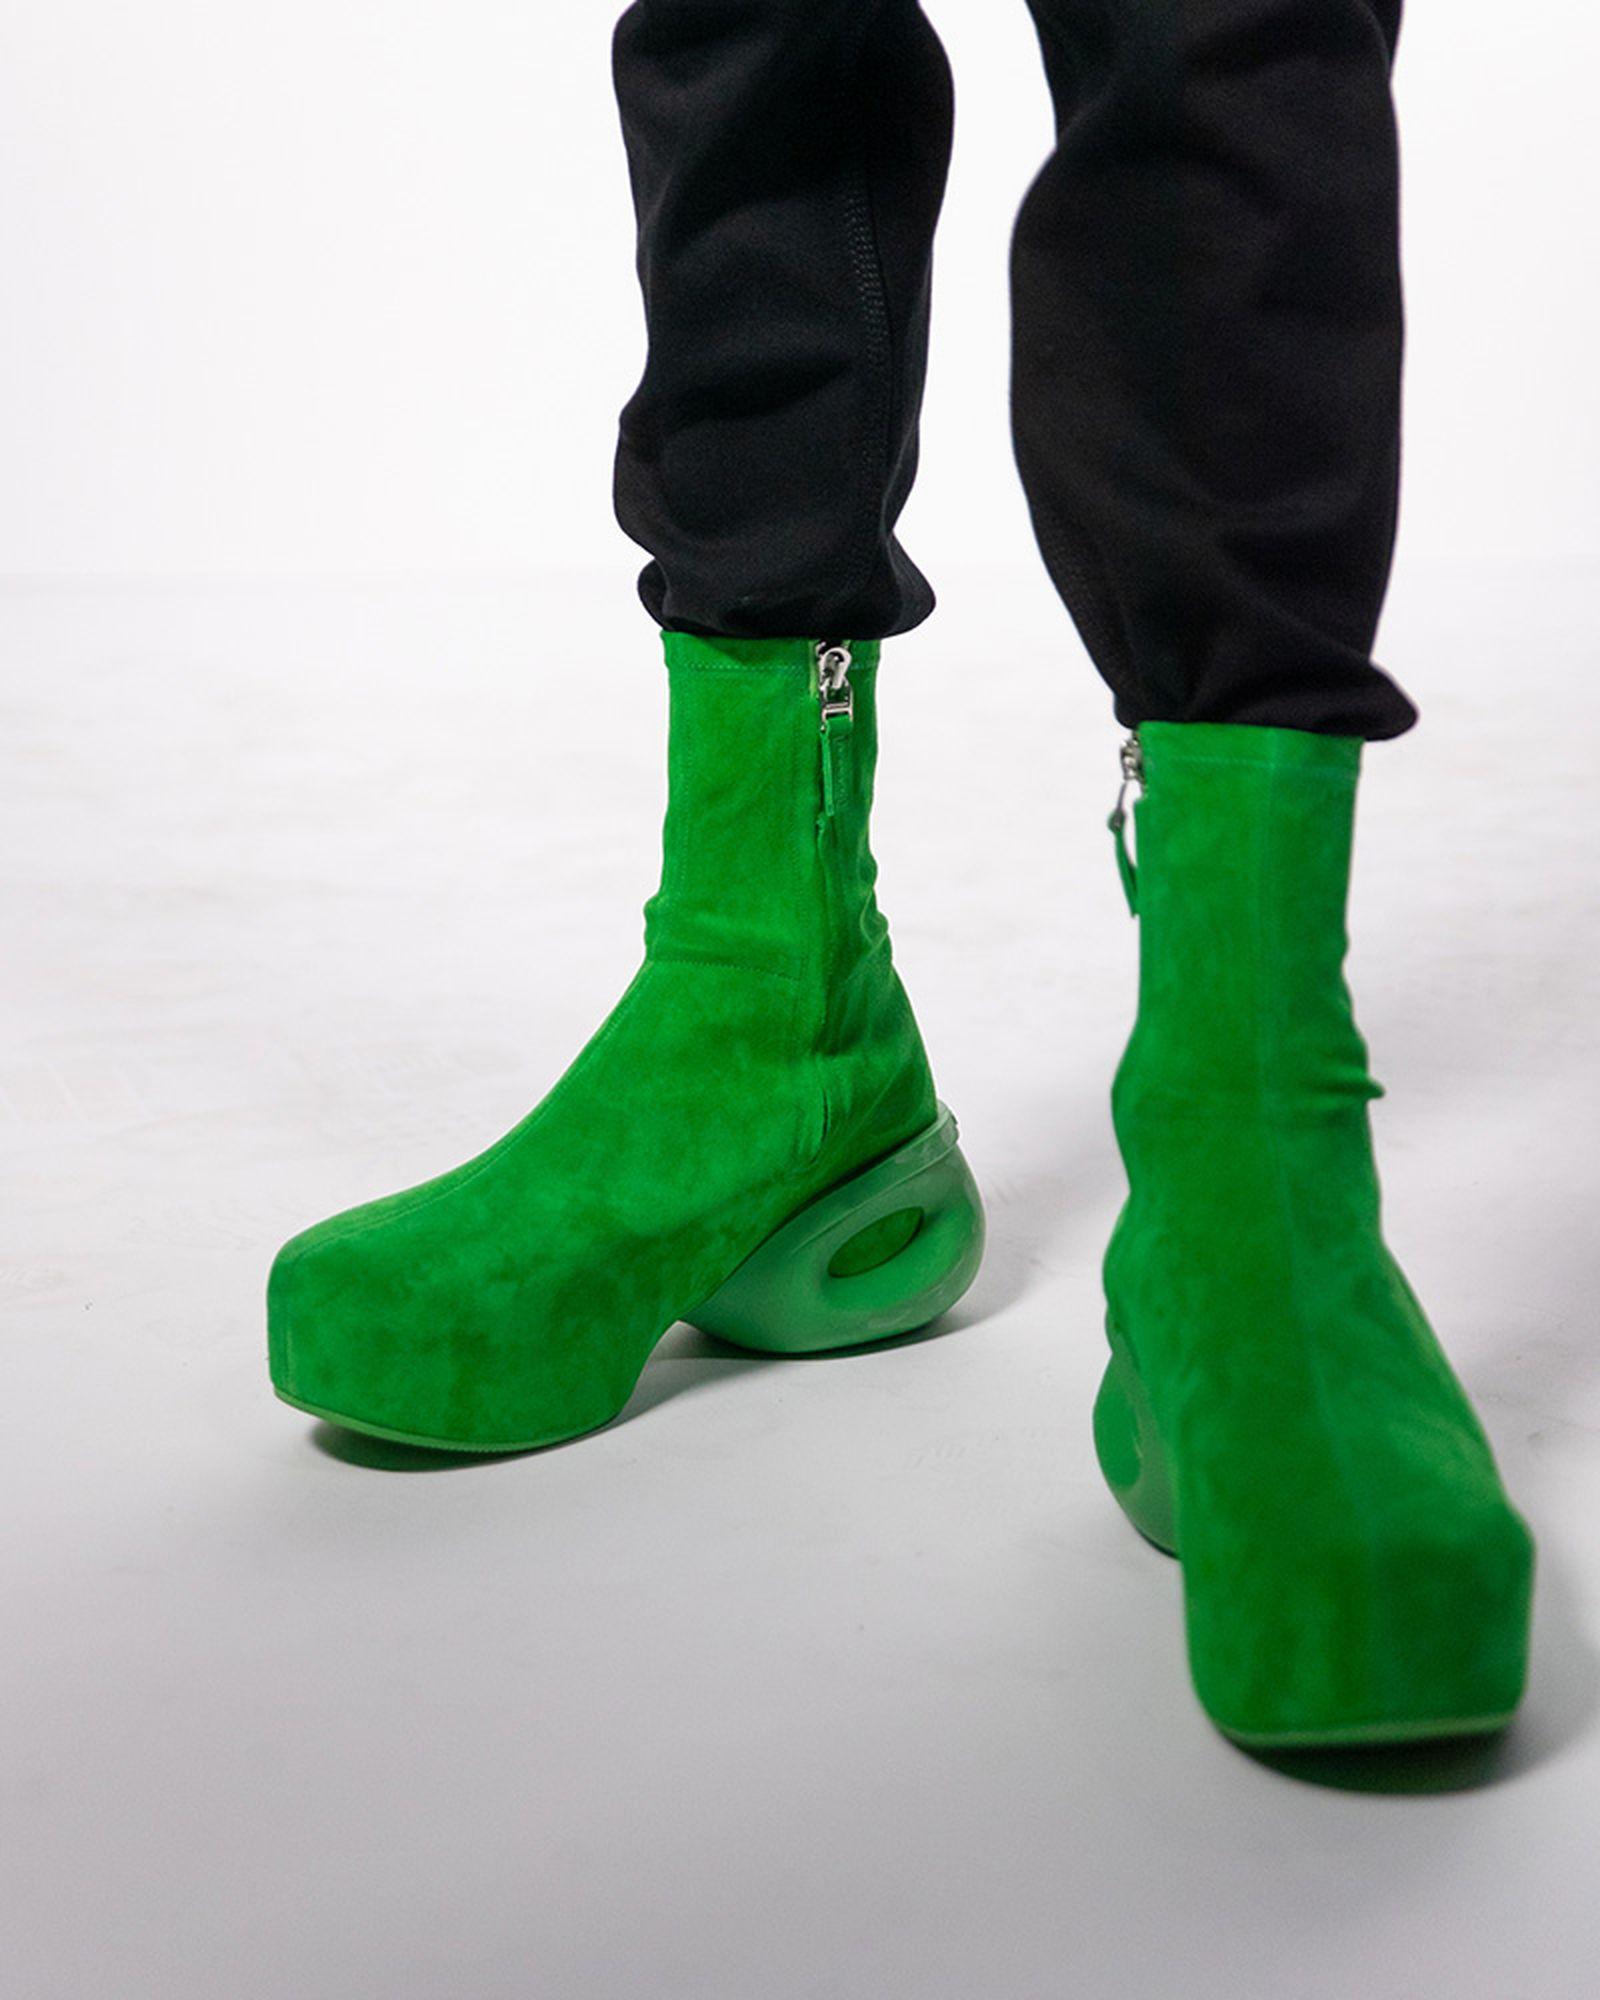 fashion-week-ss22-sneaker-roundup-04